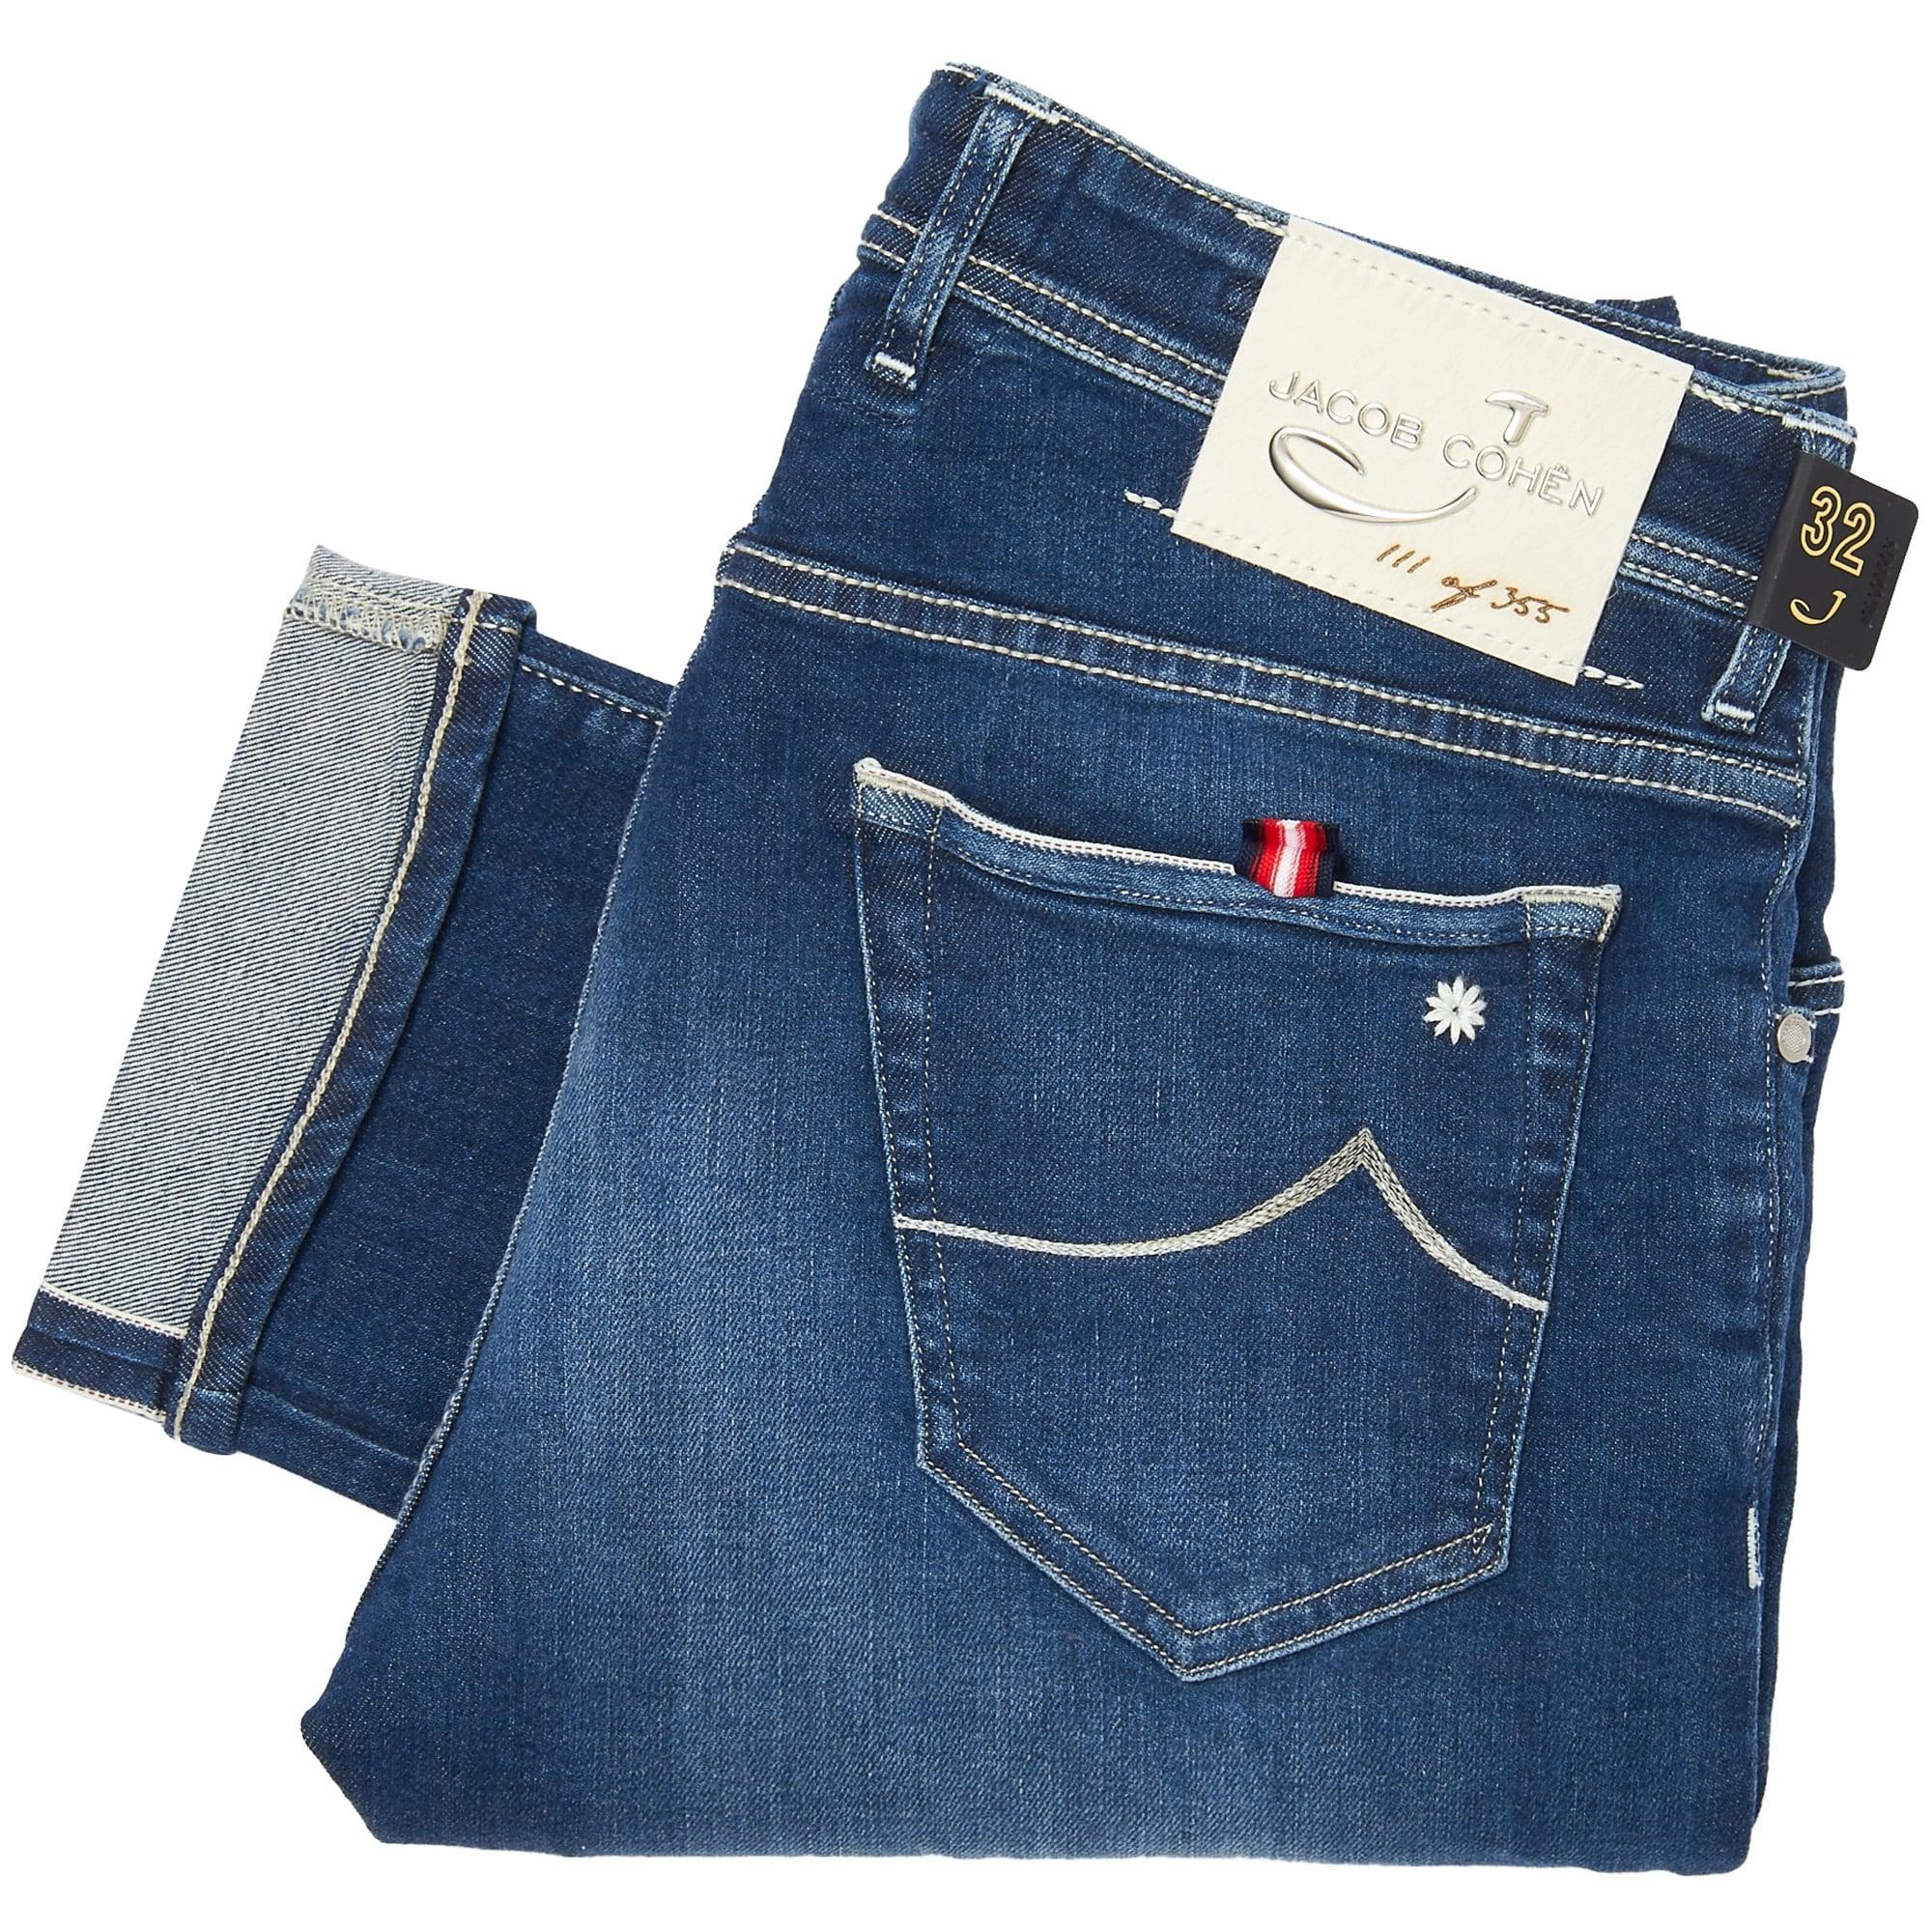 più foto 559fe e73cd Jacob Cohen J688 Limited Edition Comfort Jeans